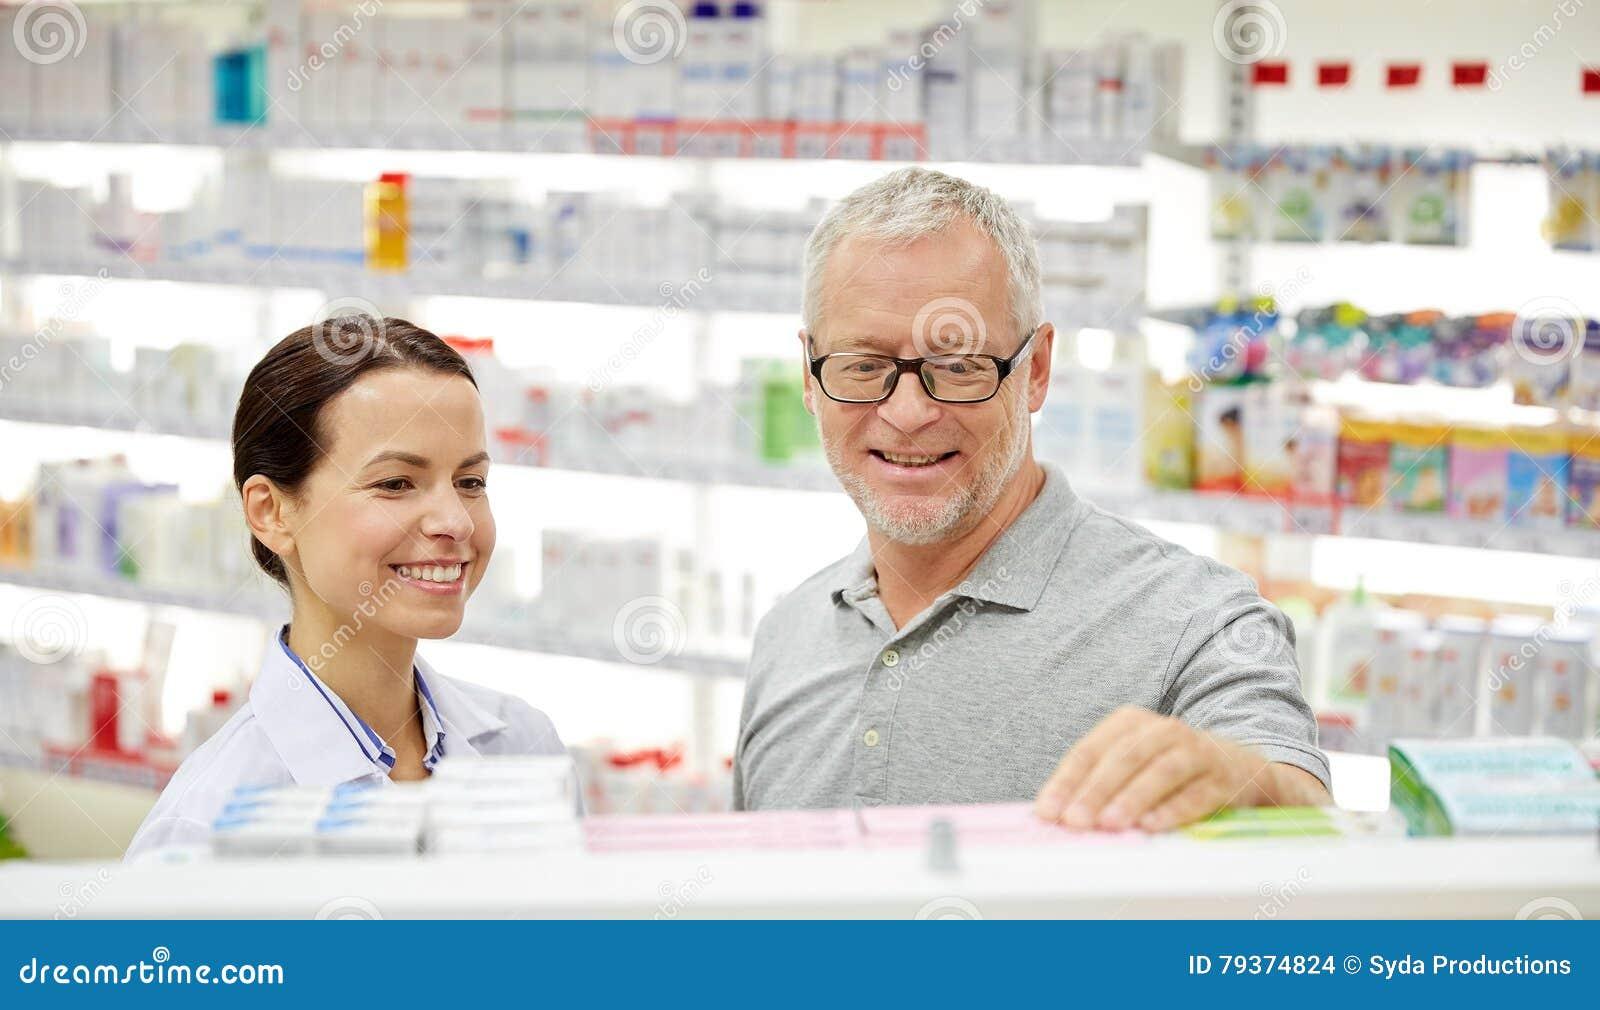 Ευτυχής φαρμακοποιός που μιλά στο ανώτερο άτομο στο φαρμακείο